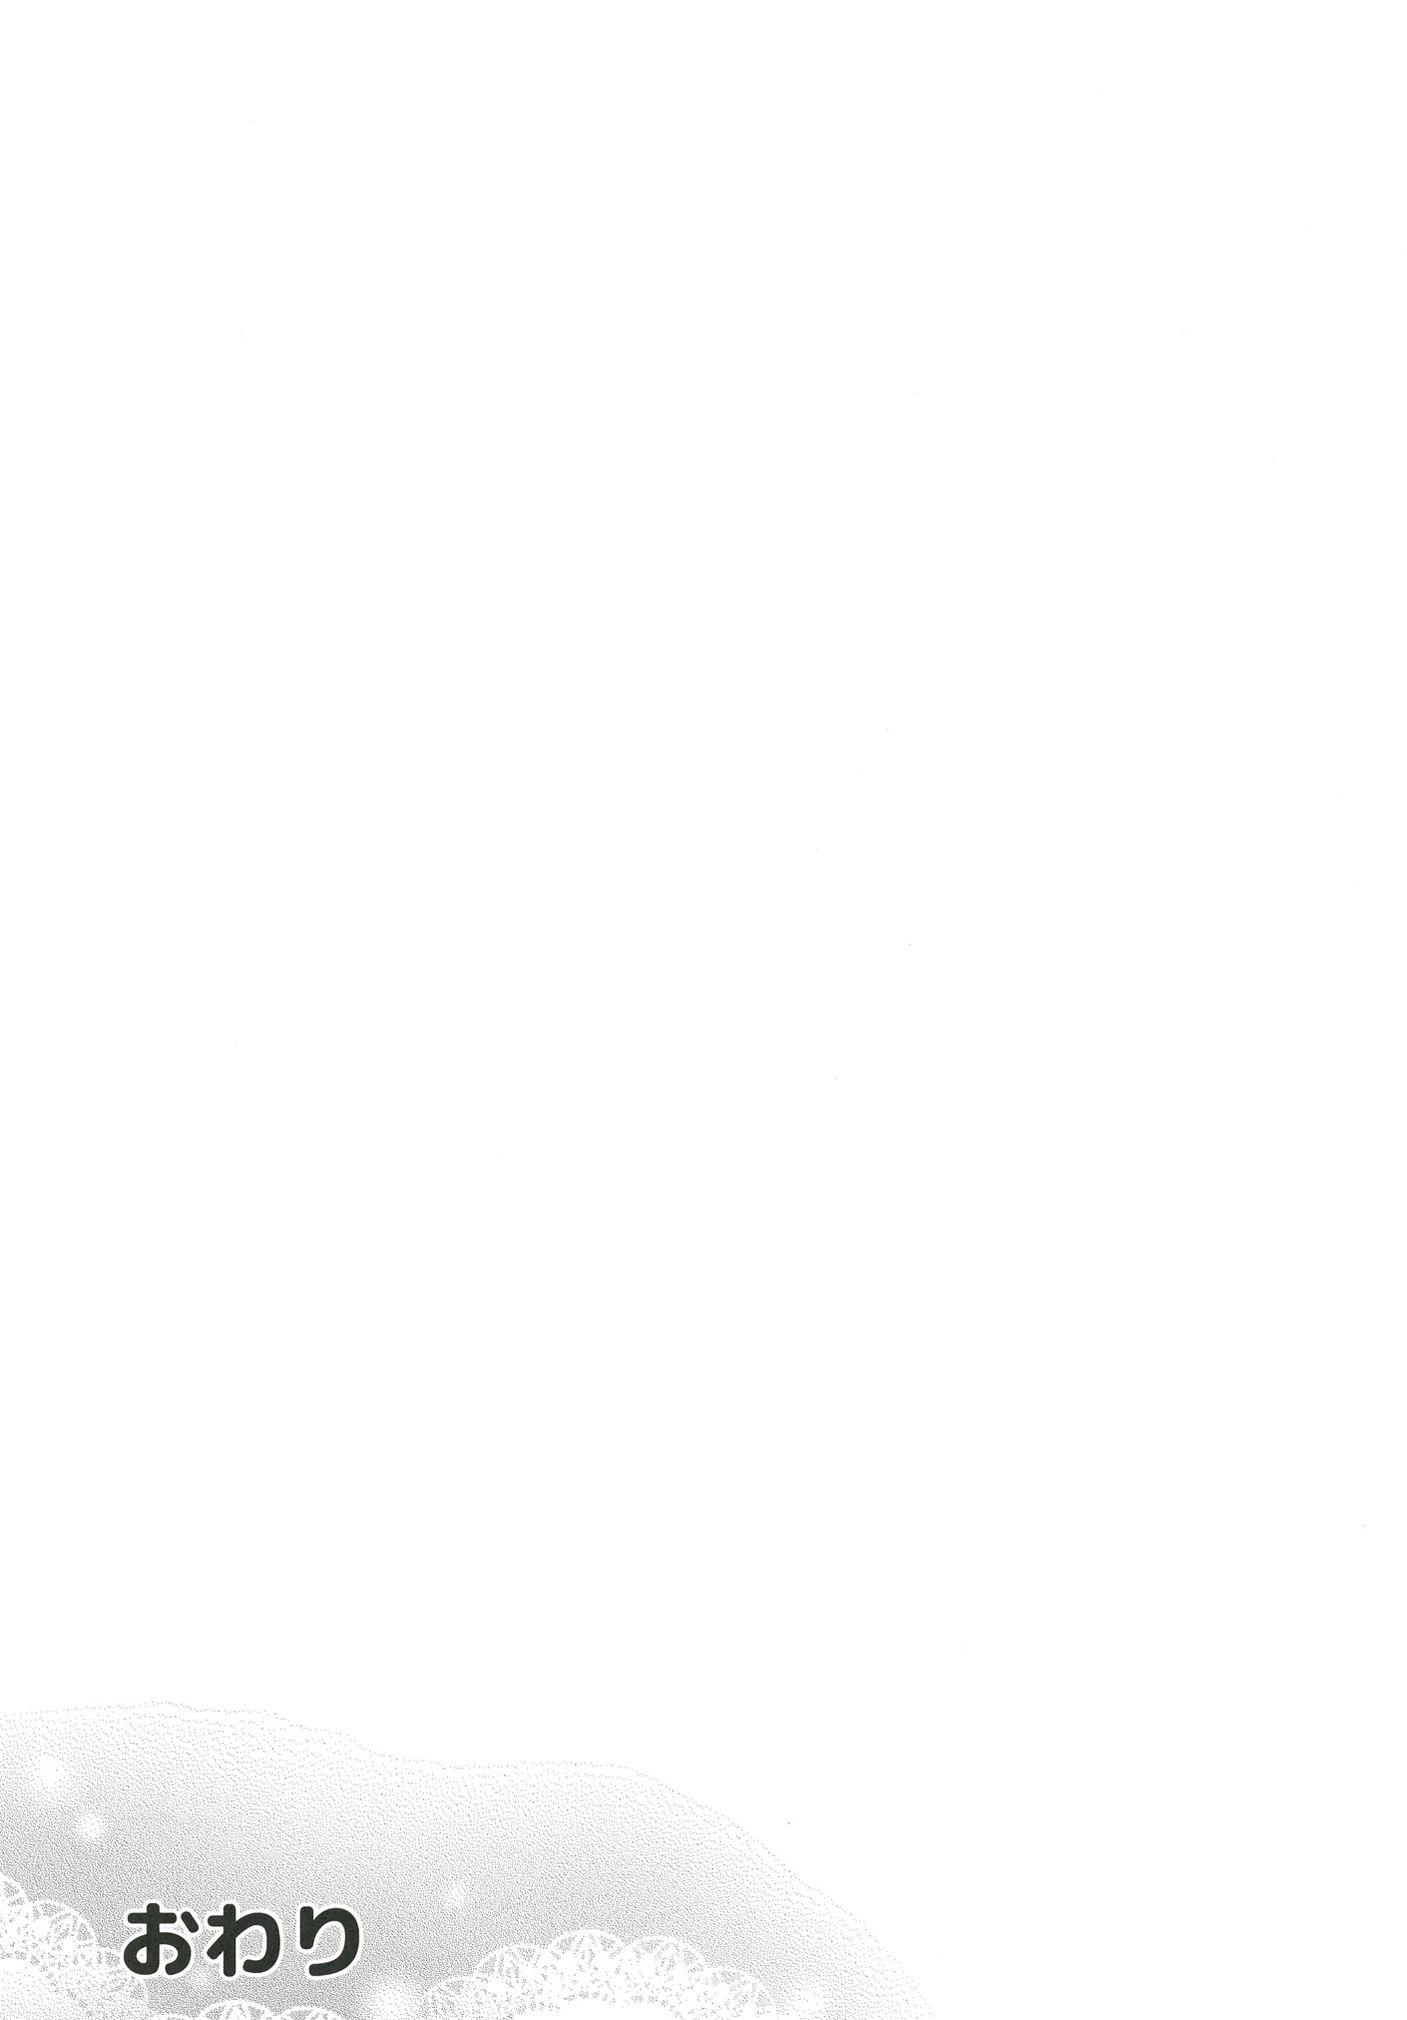 おまんこくちゅくちゅしながらちんこをくわえこんで精子飲み込んで興奮しまくり♡【エロ漫画・エロ同人】 (39)